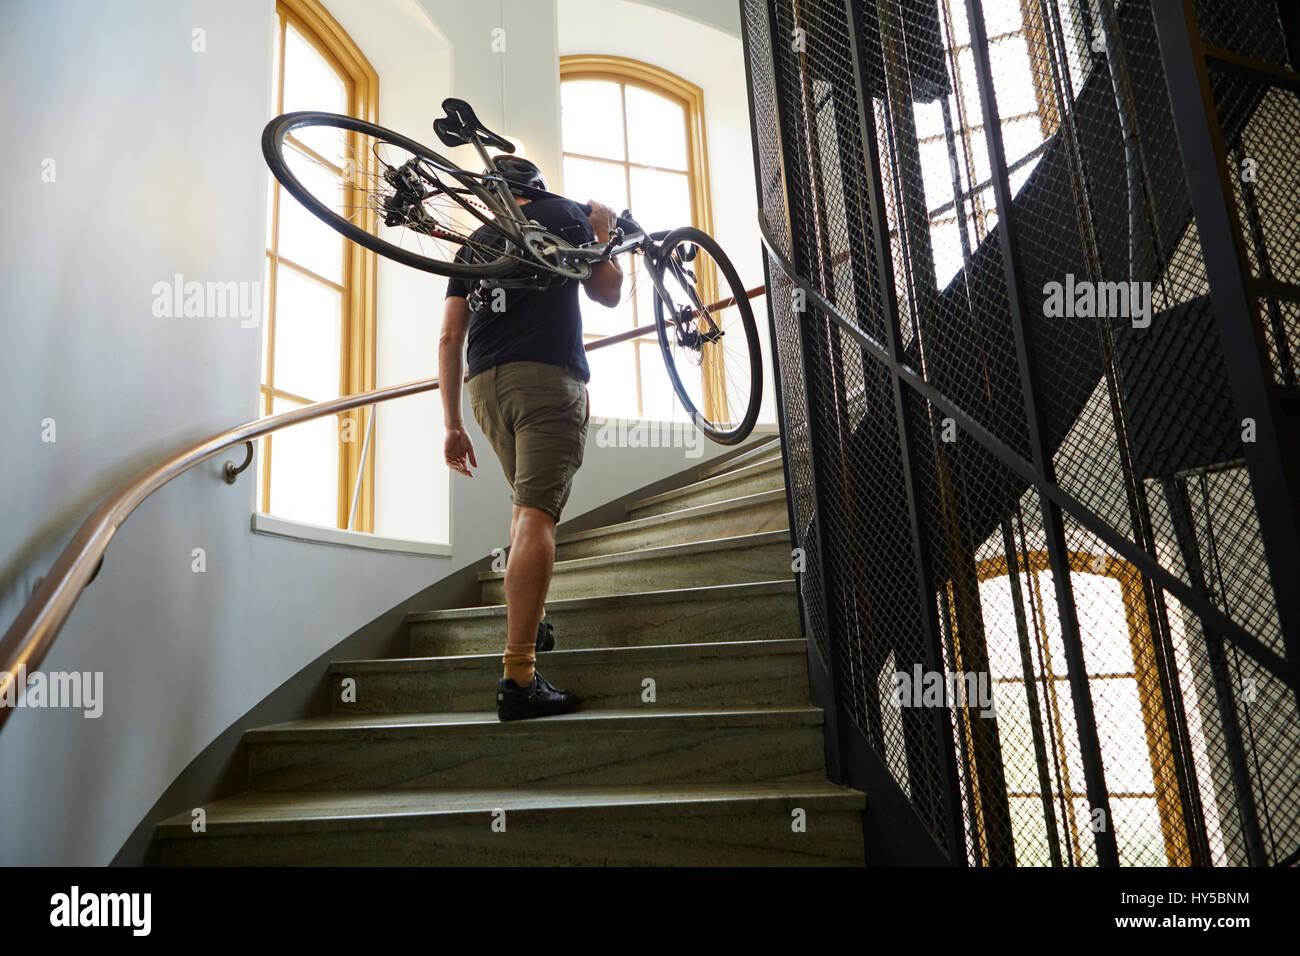 La Svezia, il ciclista che porta bici sui passi Immagini Stock